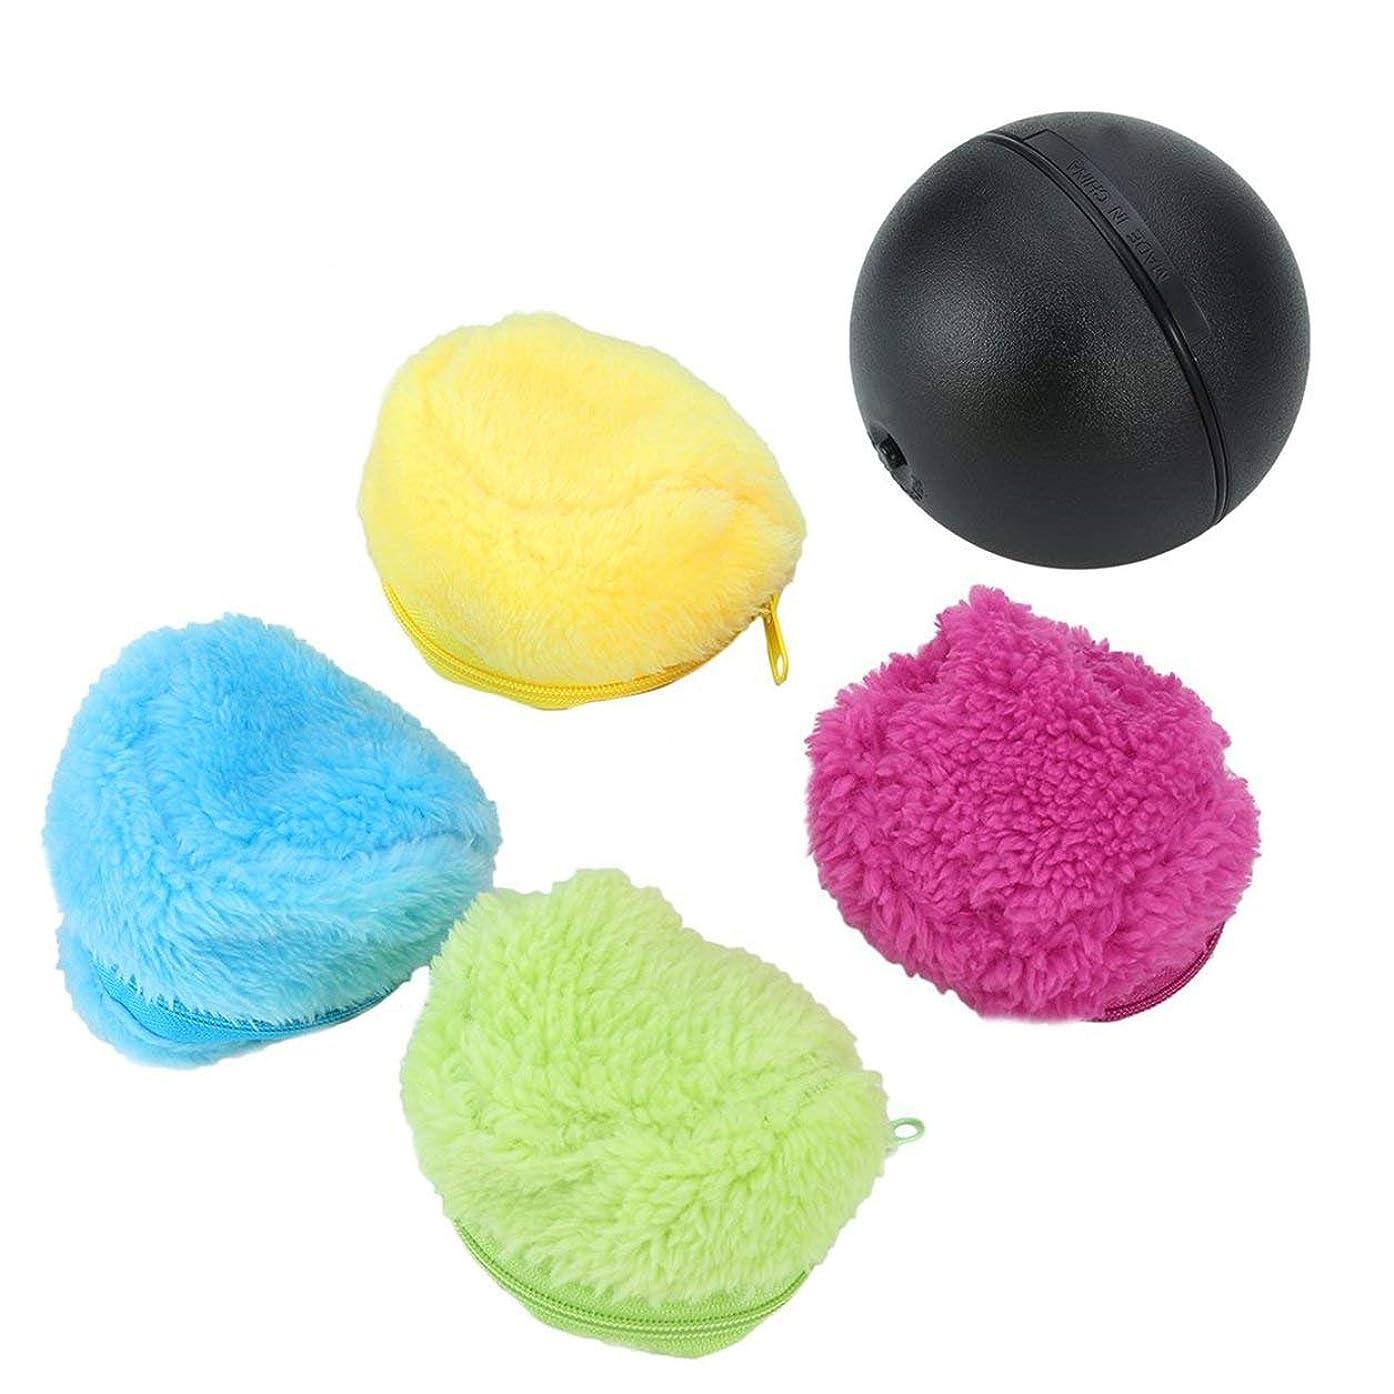 乏しい異常な芸術Saikogoods 自動ローリングボール 電動 ミニ掃くロボット 掃除機 家庭用マイクロファイバーボール 4色